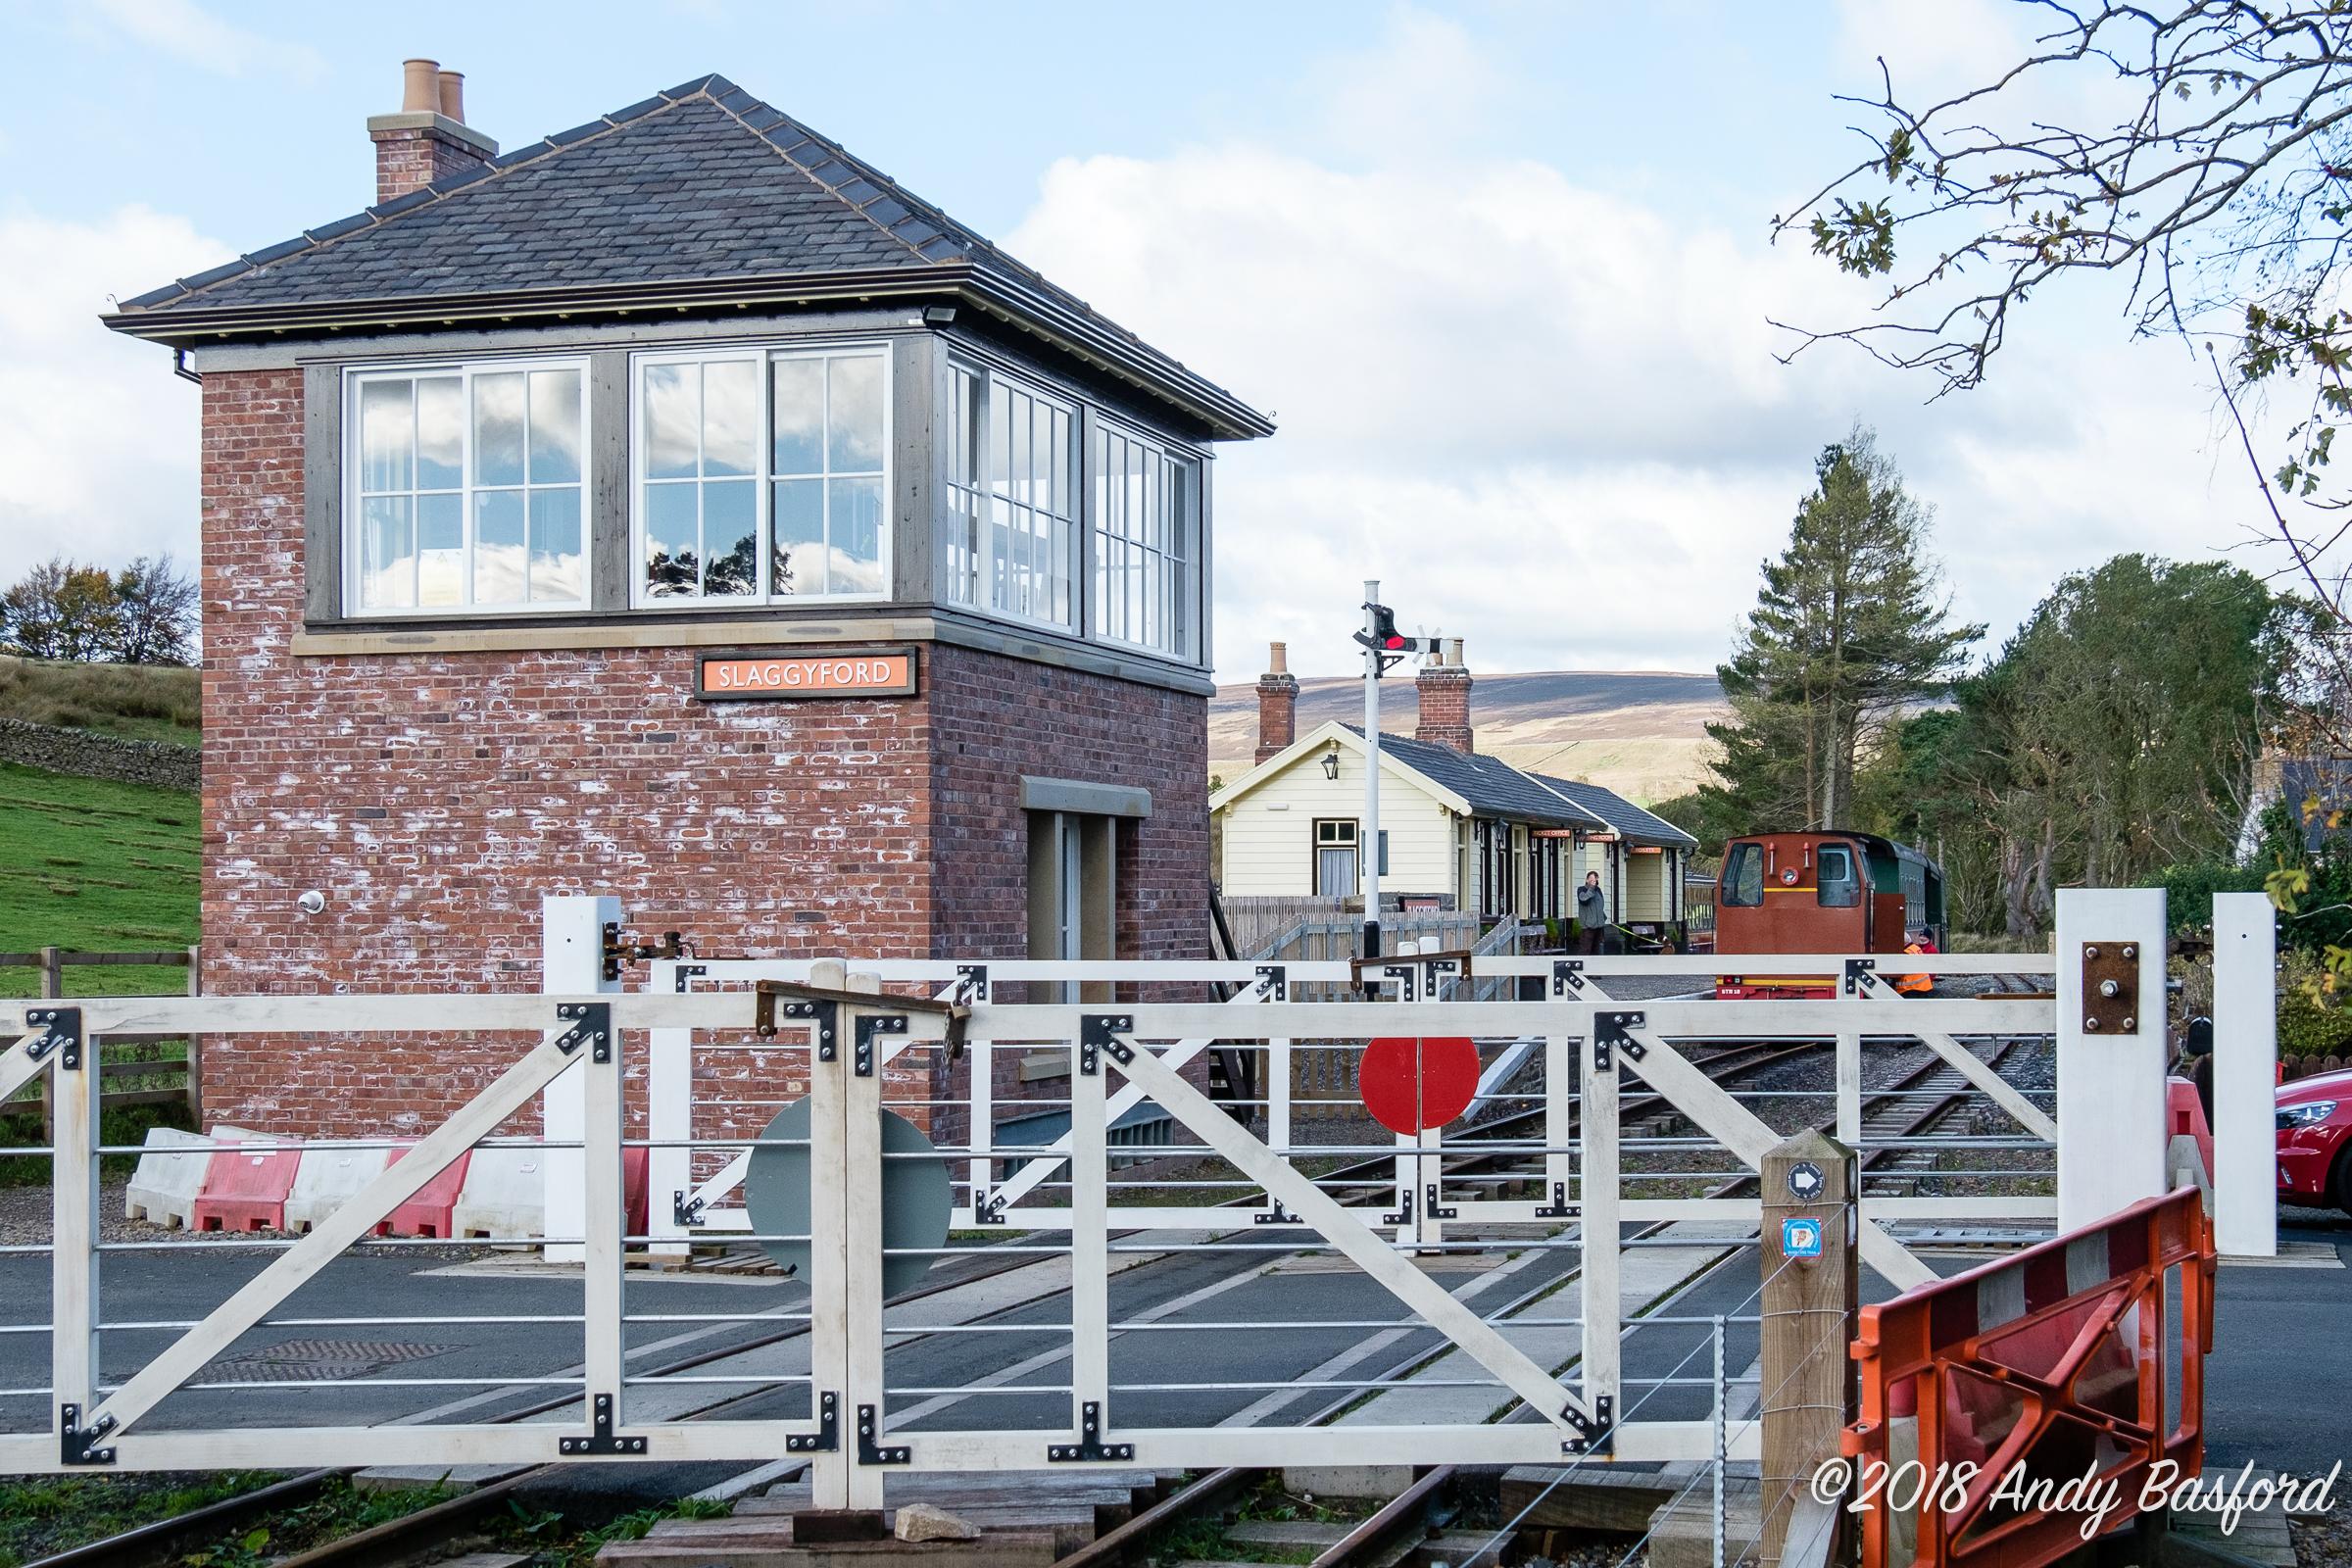 Slaggyford Signal Box-20181026